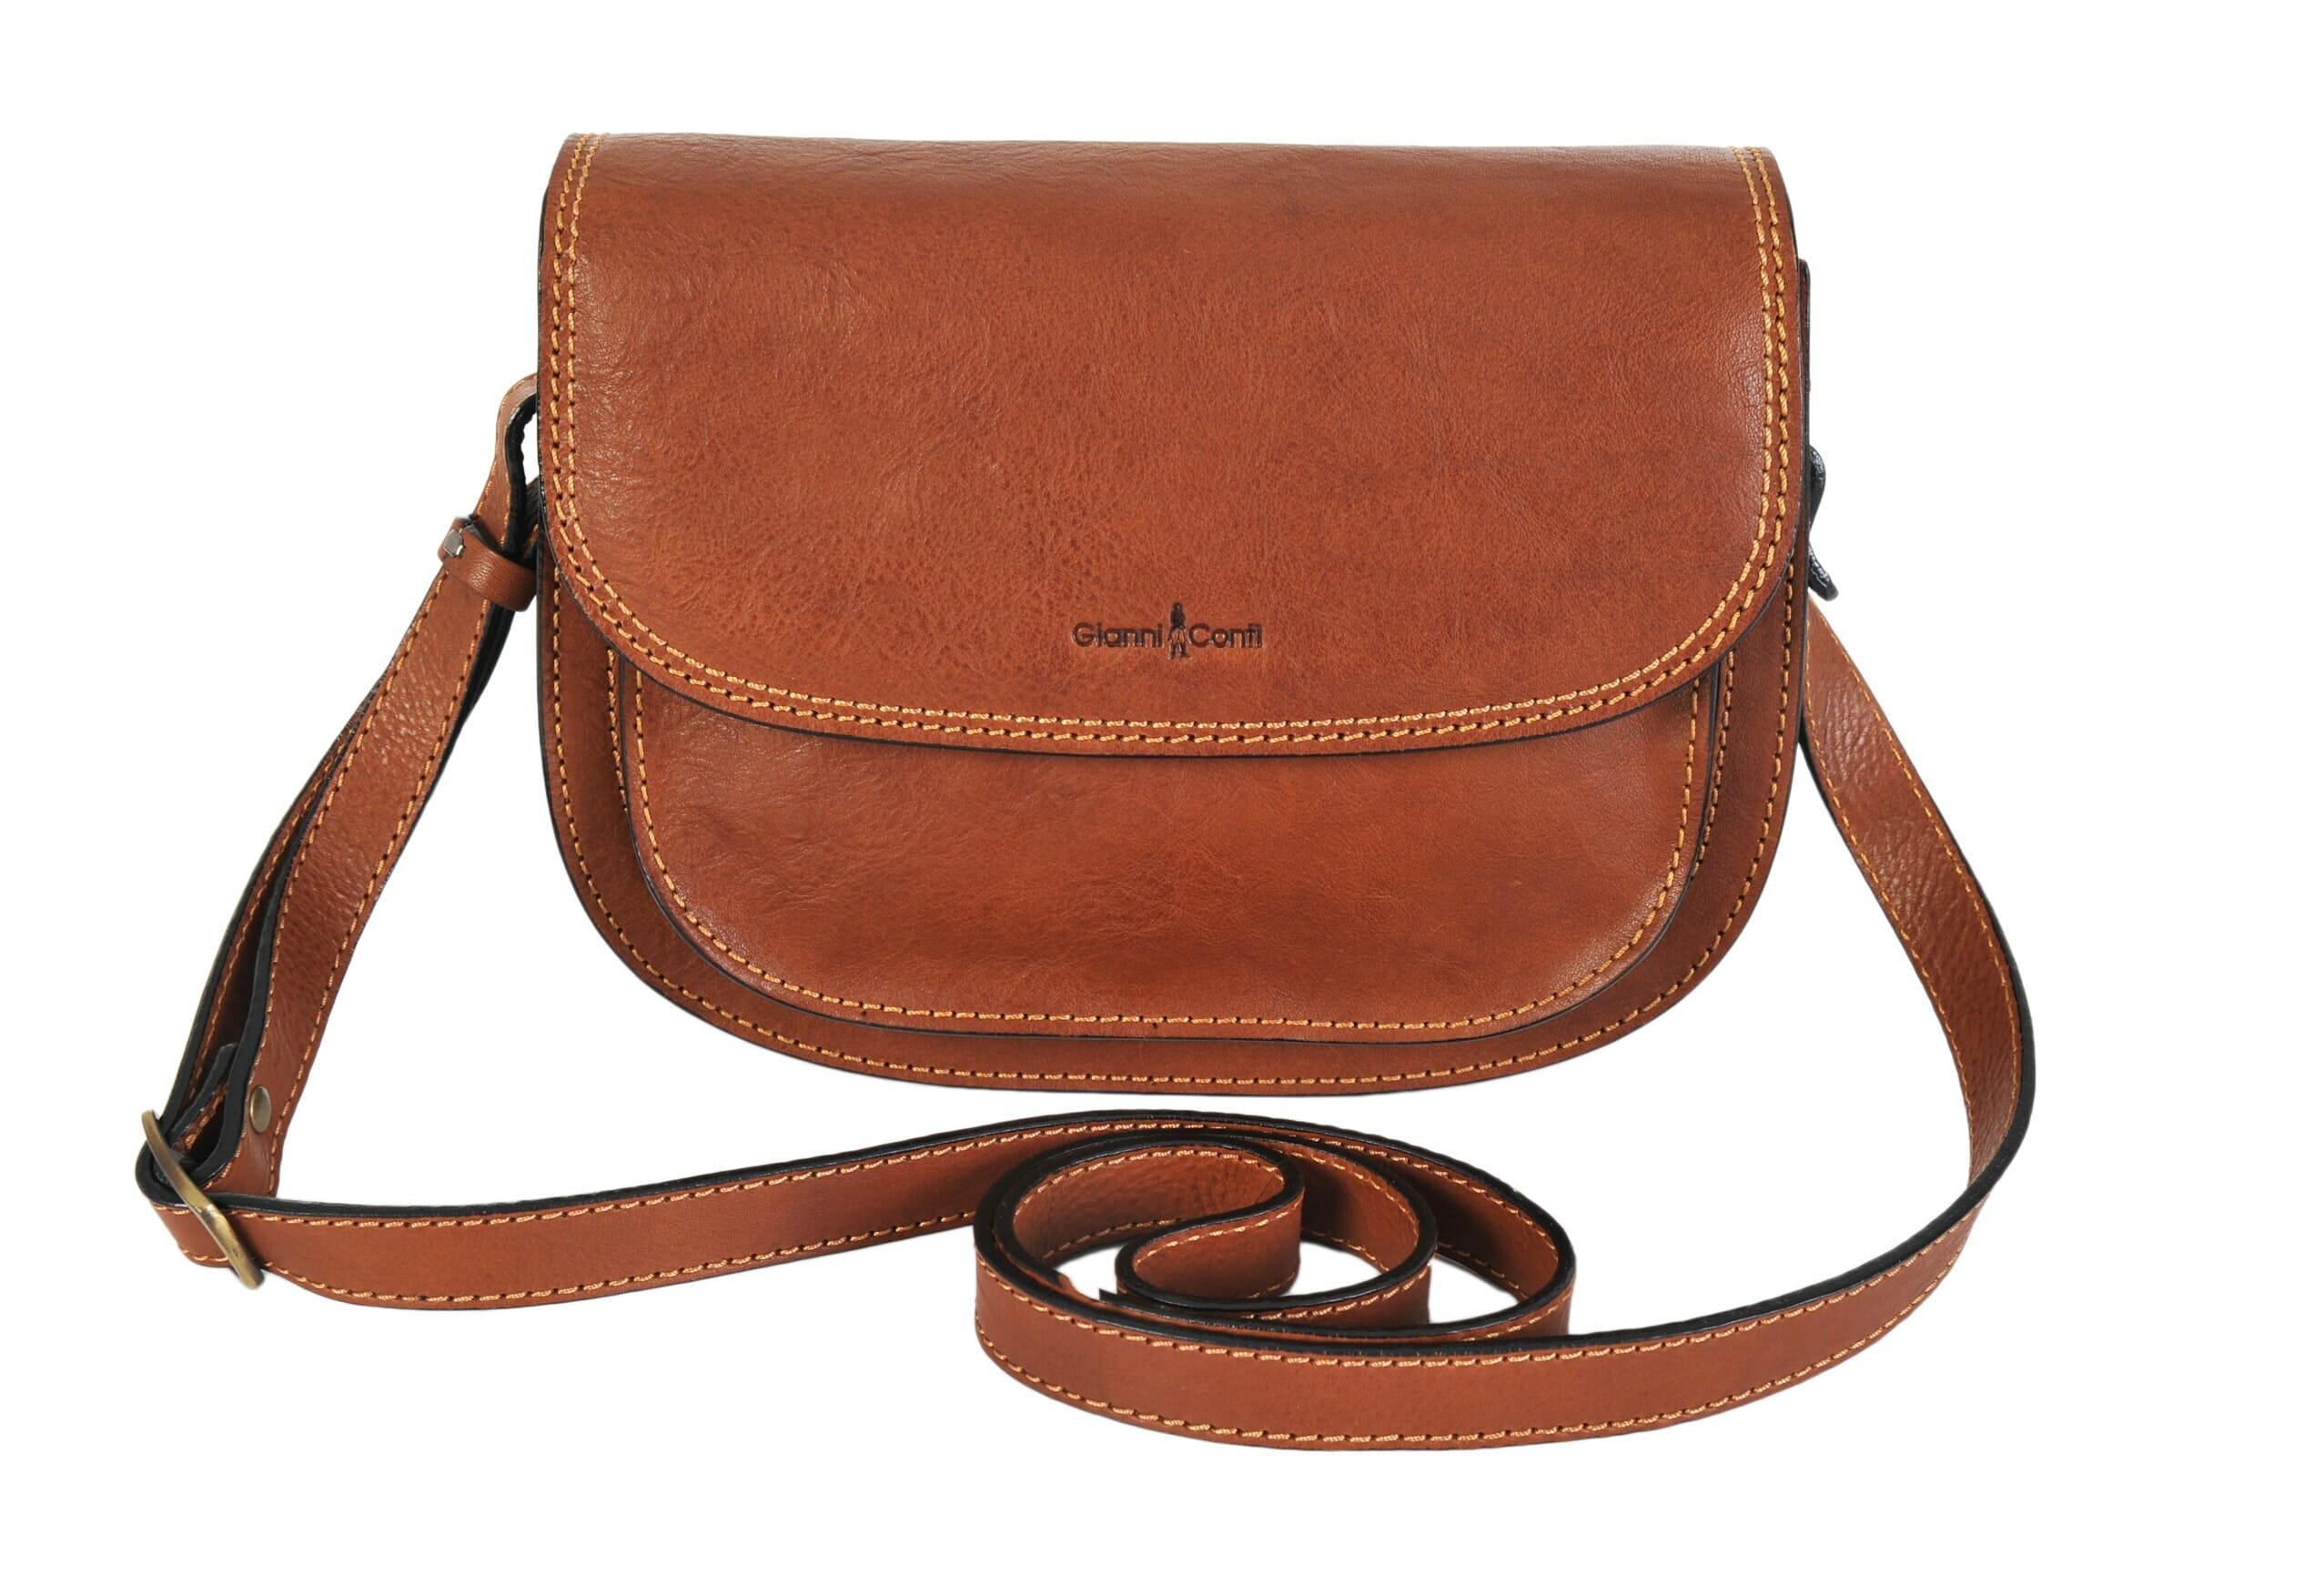 Gianni Conti Fine Tan Italian Leather Saddle Shoulder